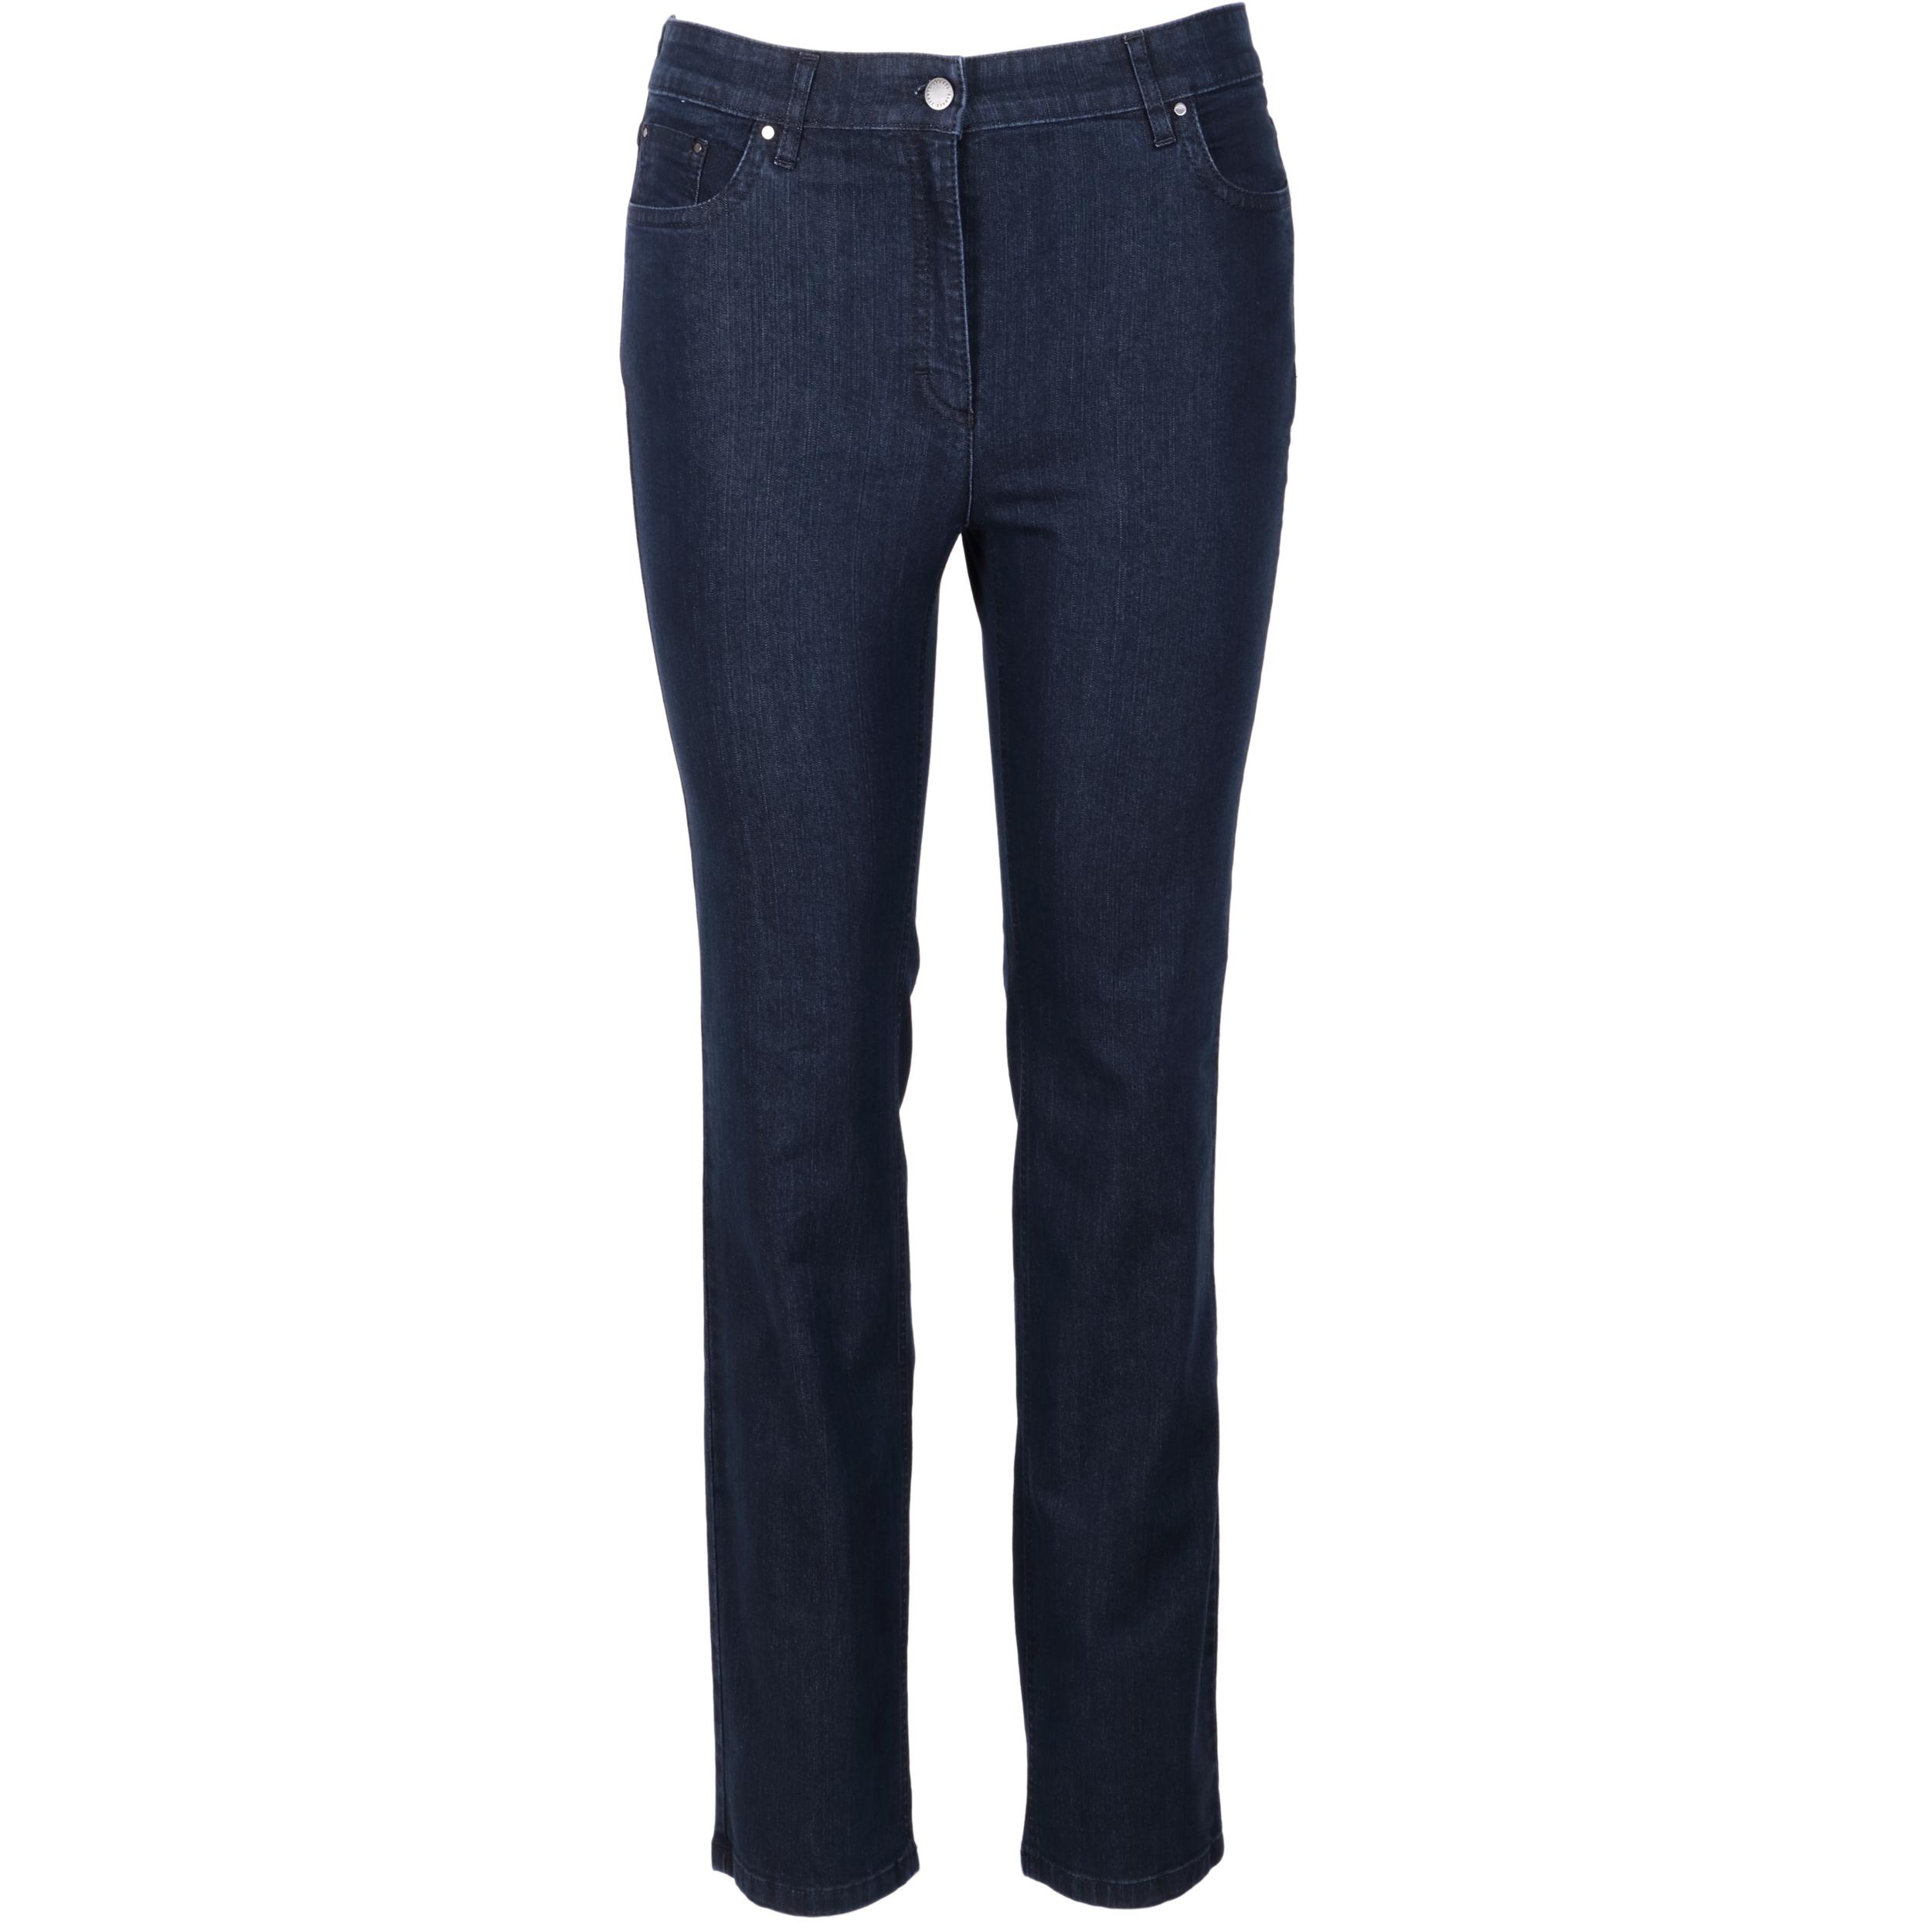 Zerres Damen Jeans Cora comfort S 21 dunkelblau